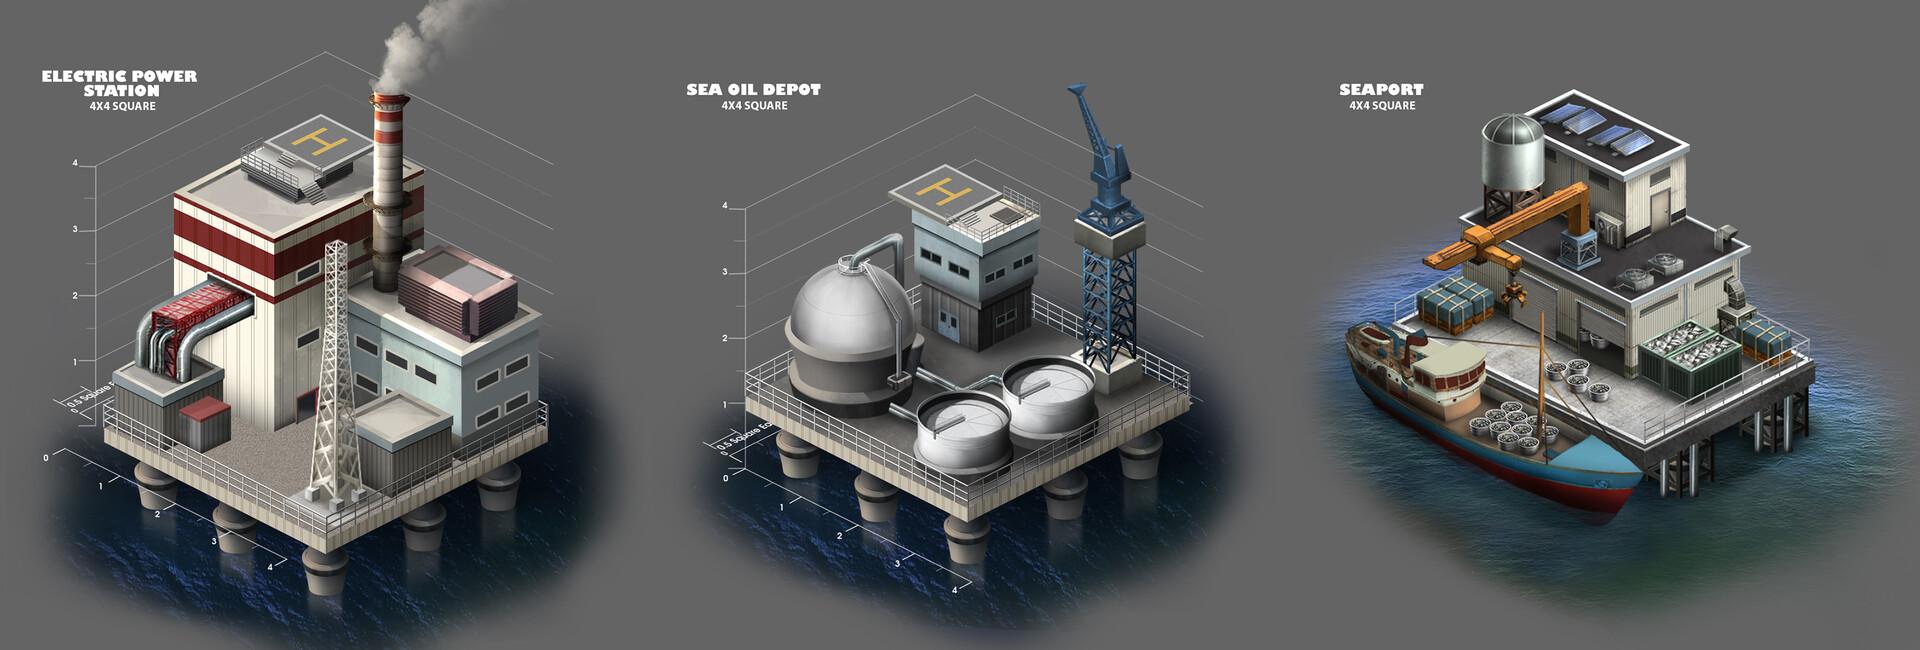 Ferdinand ladera naval structures